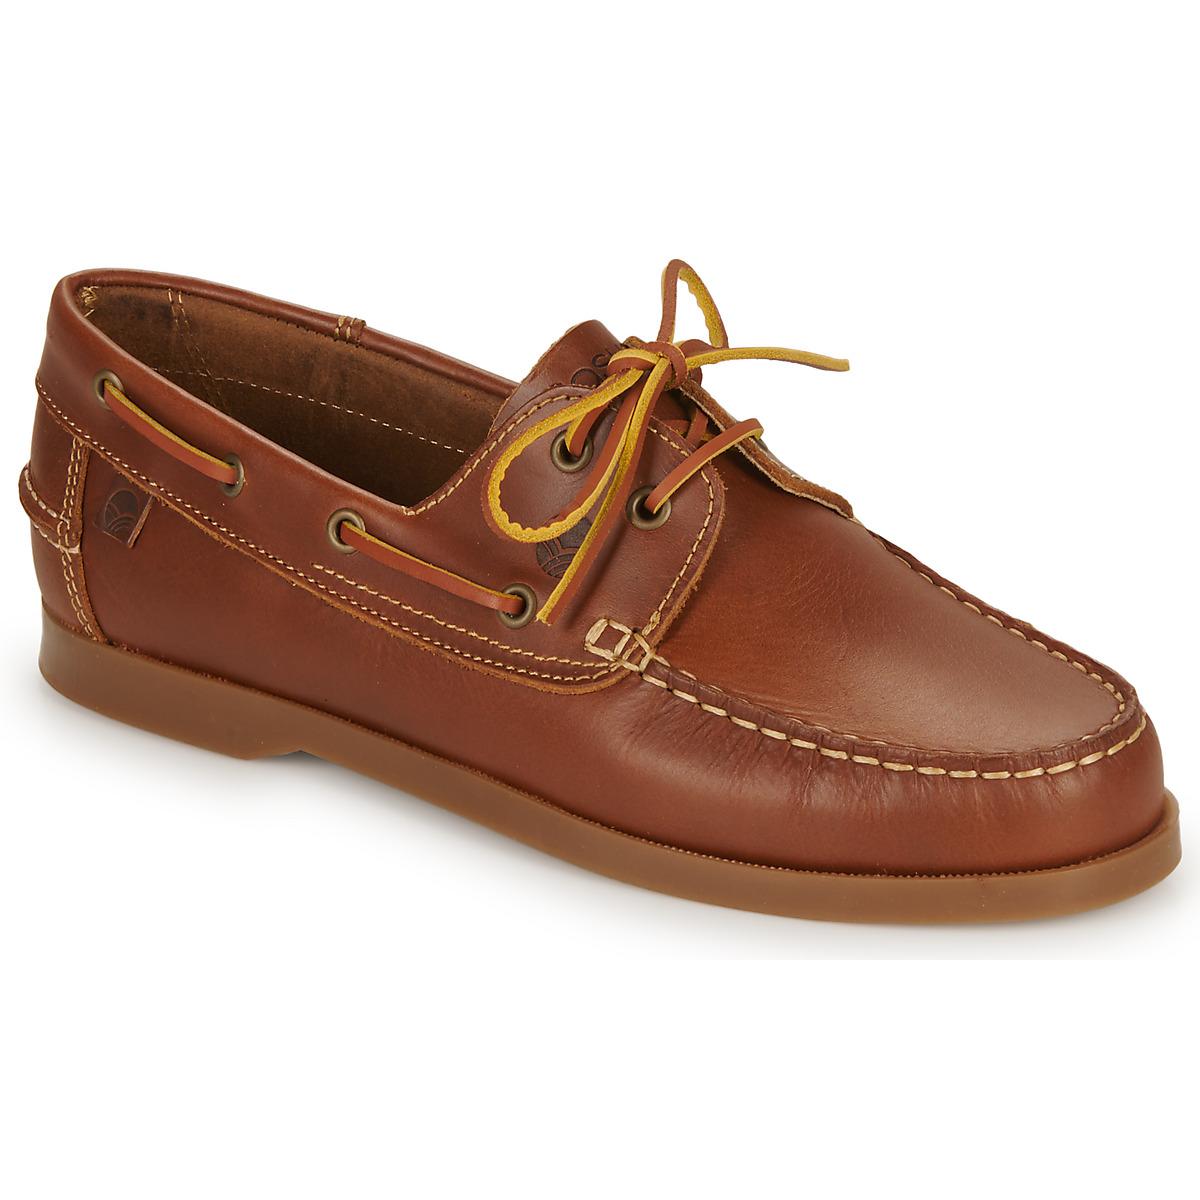 chaussures bateau casual attitude revoro marron livraison gratuite avec. Black Bedroom Furniture Sets. Home Design Ideas